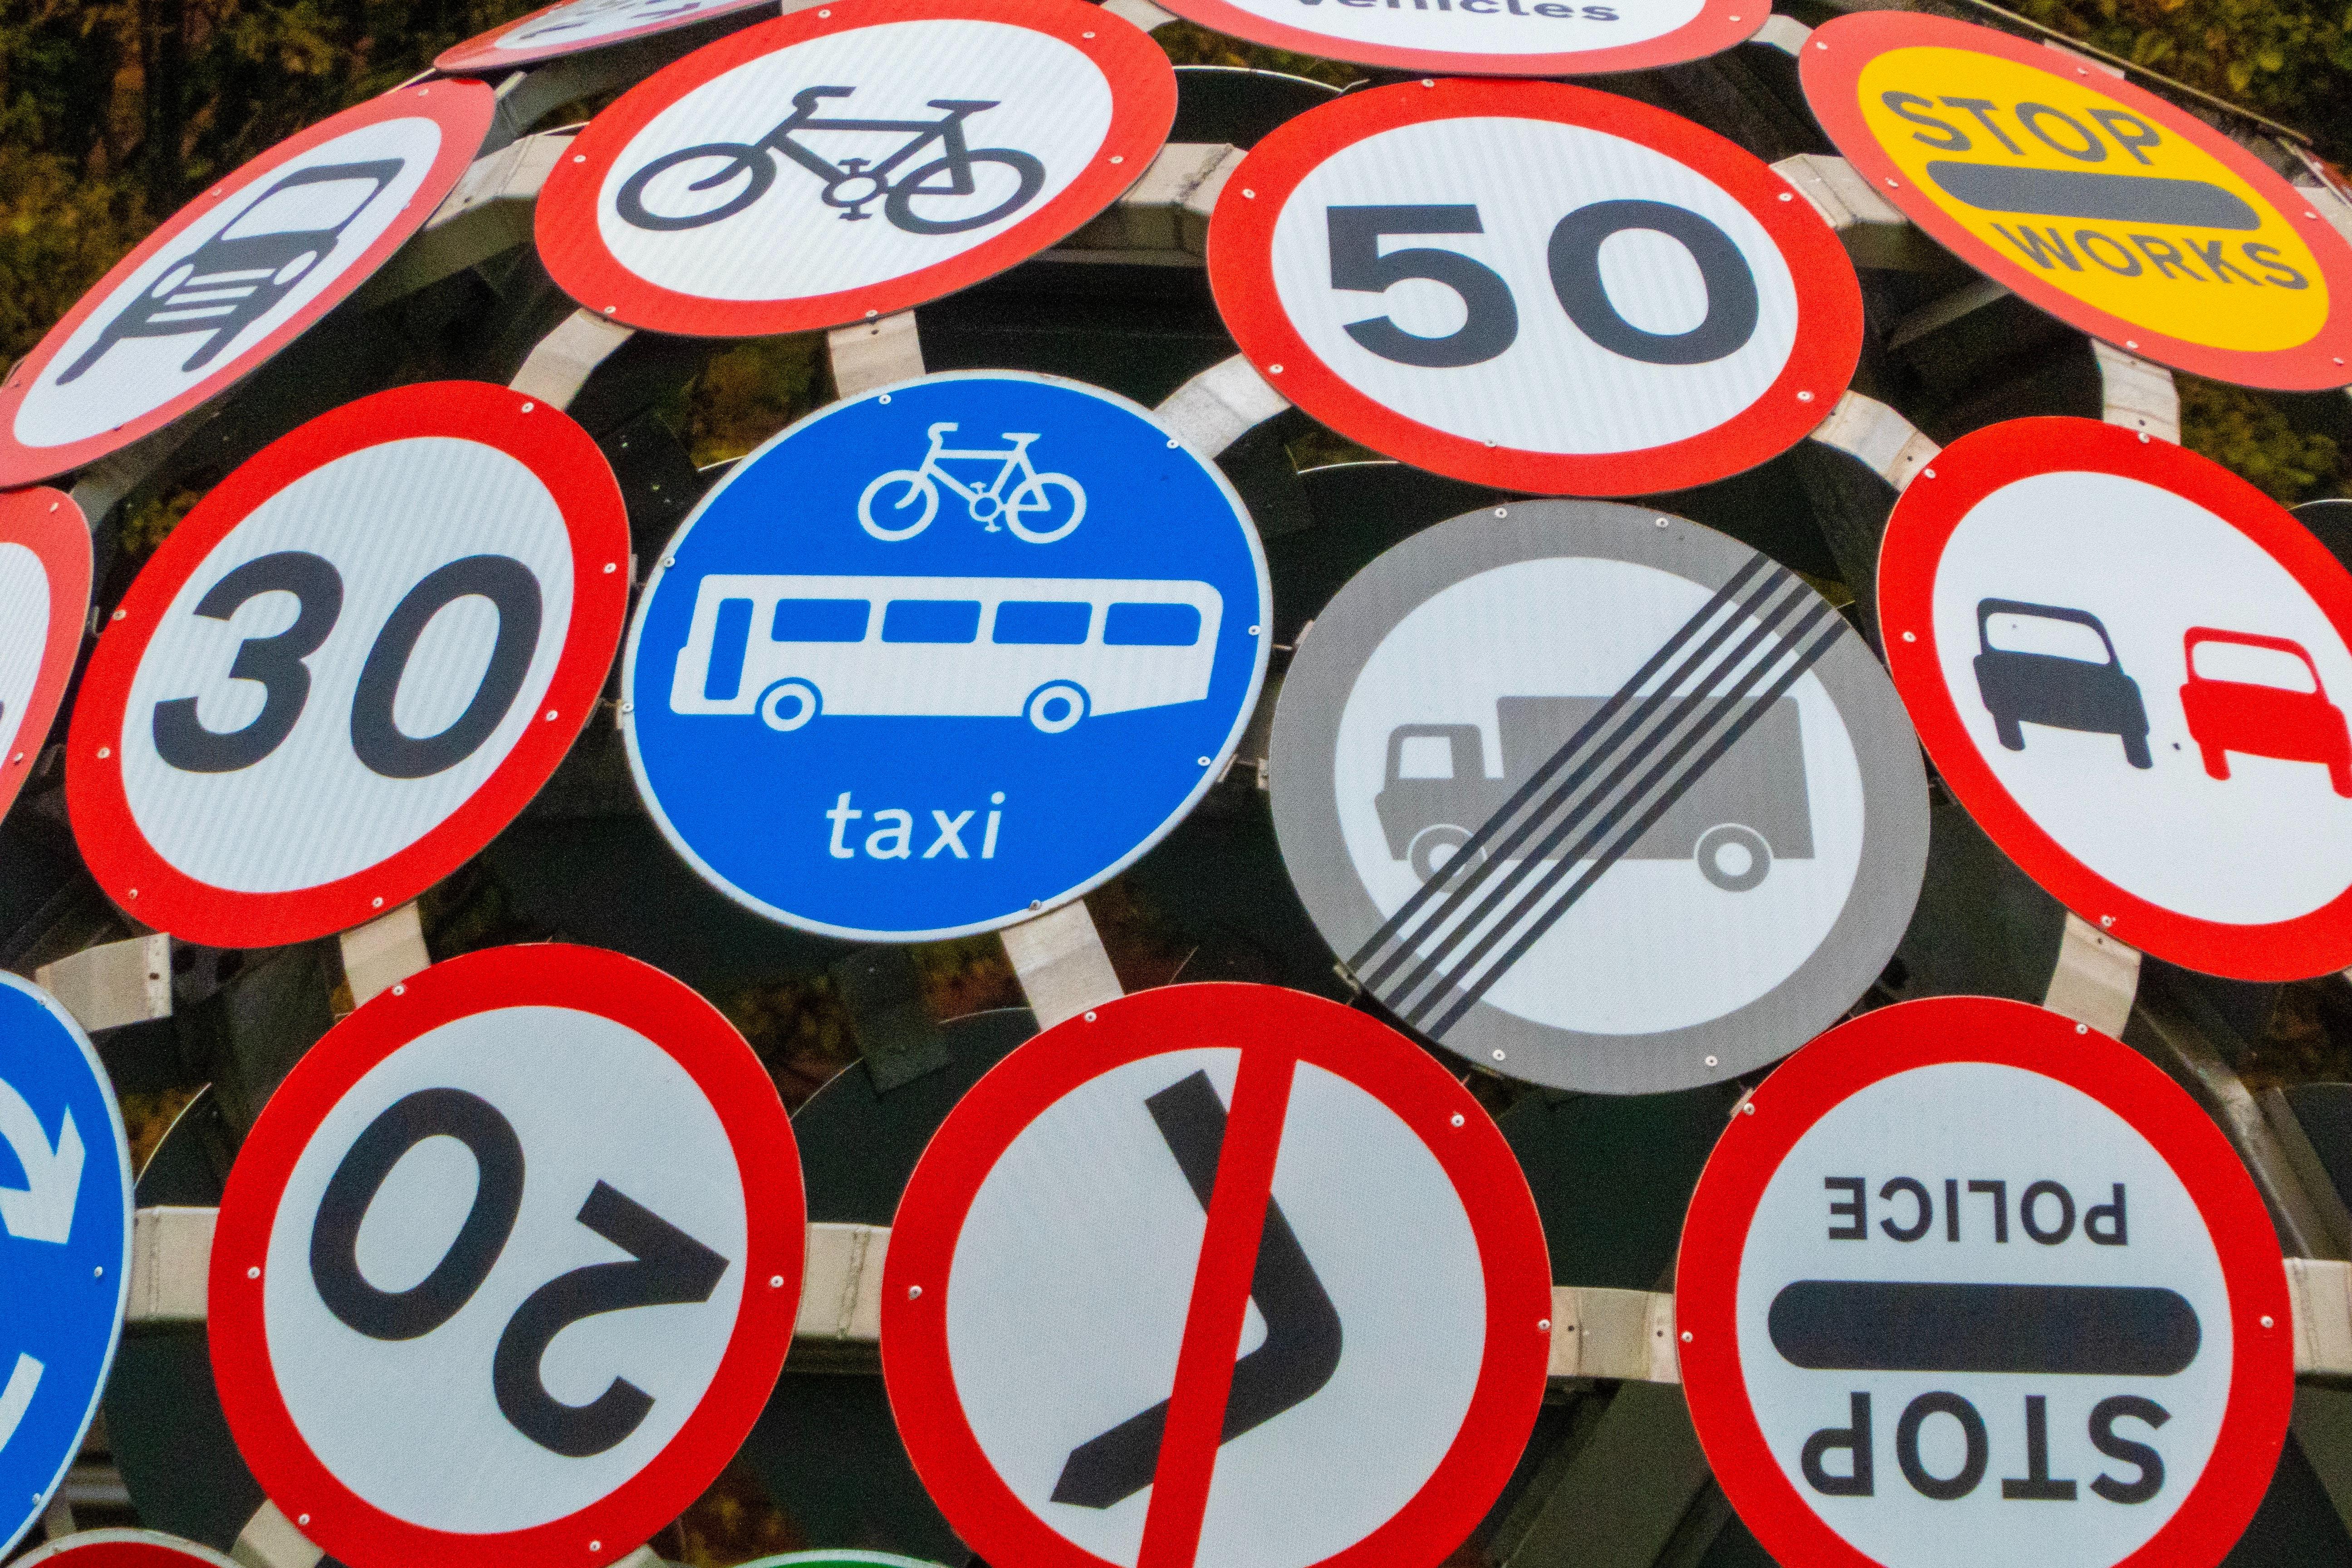 highway code rules.jpg (5.56 MB)